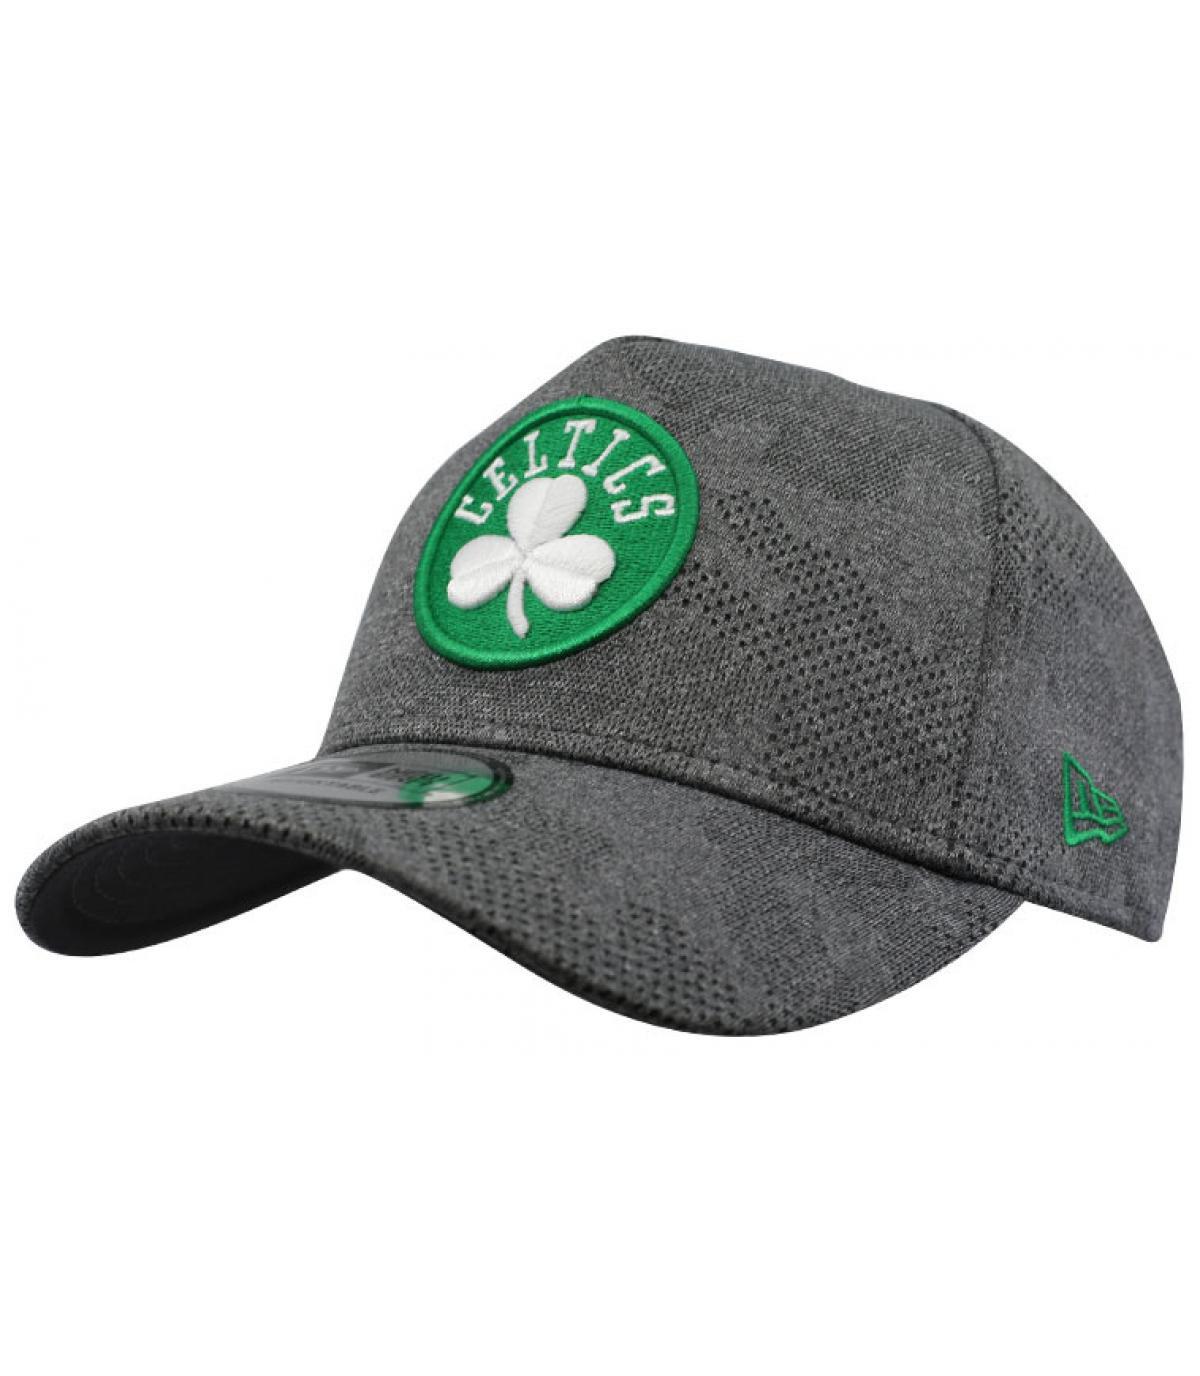 Détails Casquette Enginneered Plus Celtics Aframe black - image 2